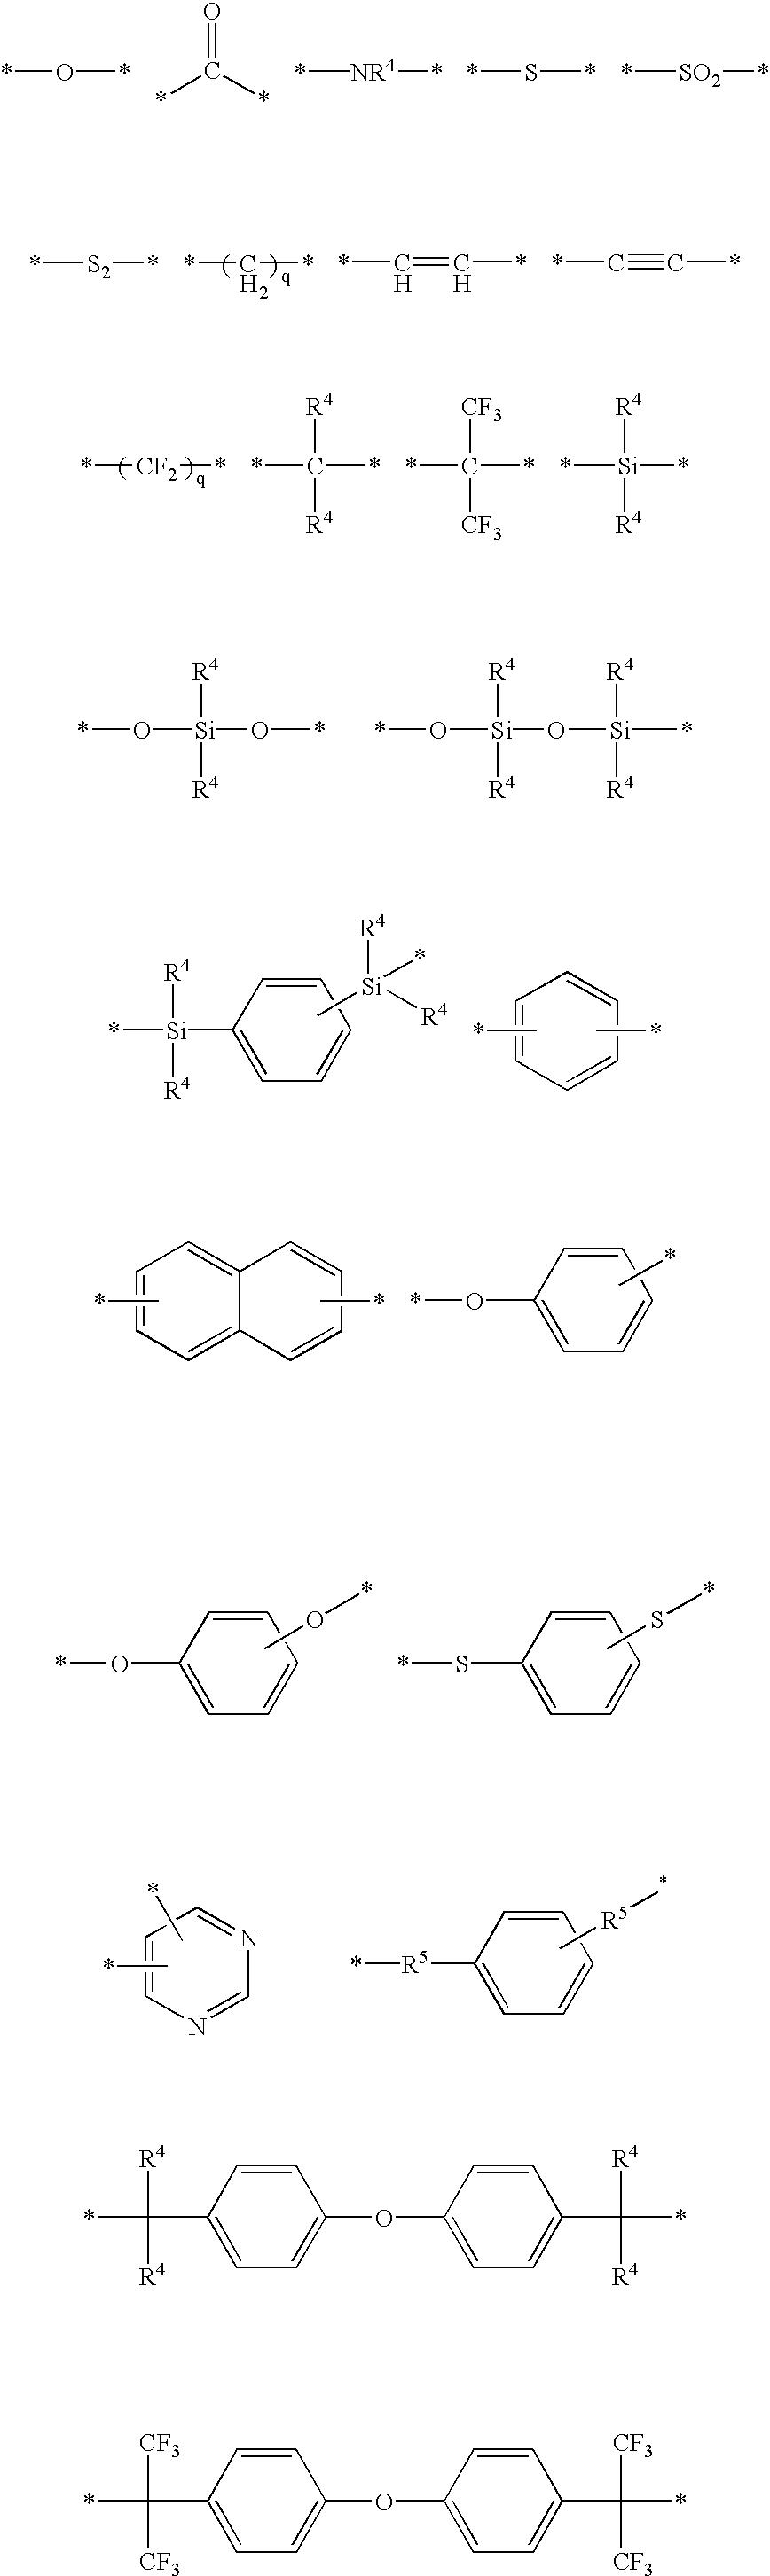 Figure US20030050431A1-20030313-C00019